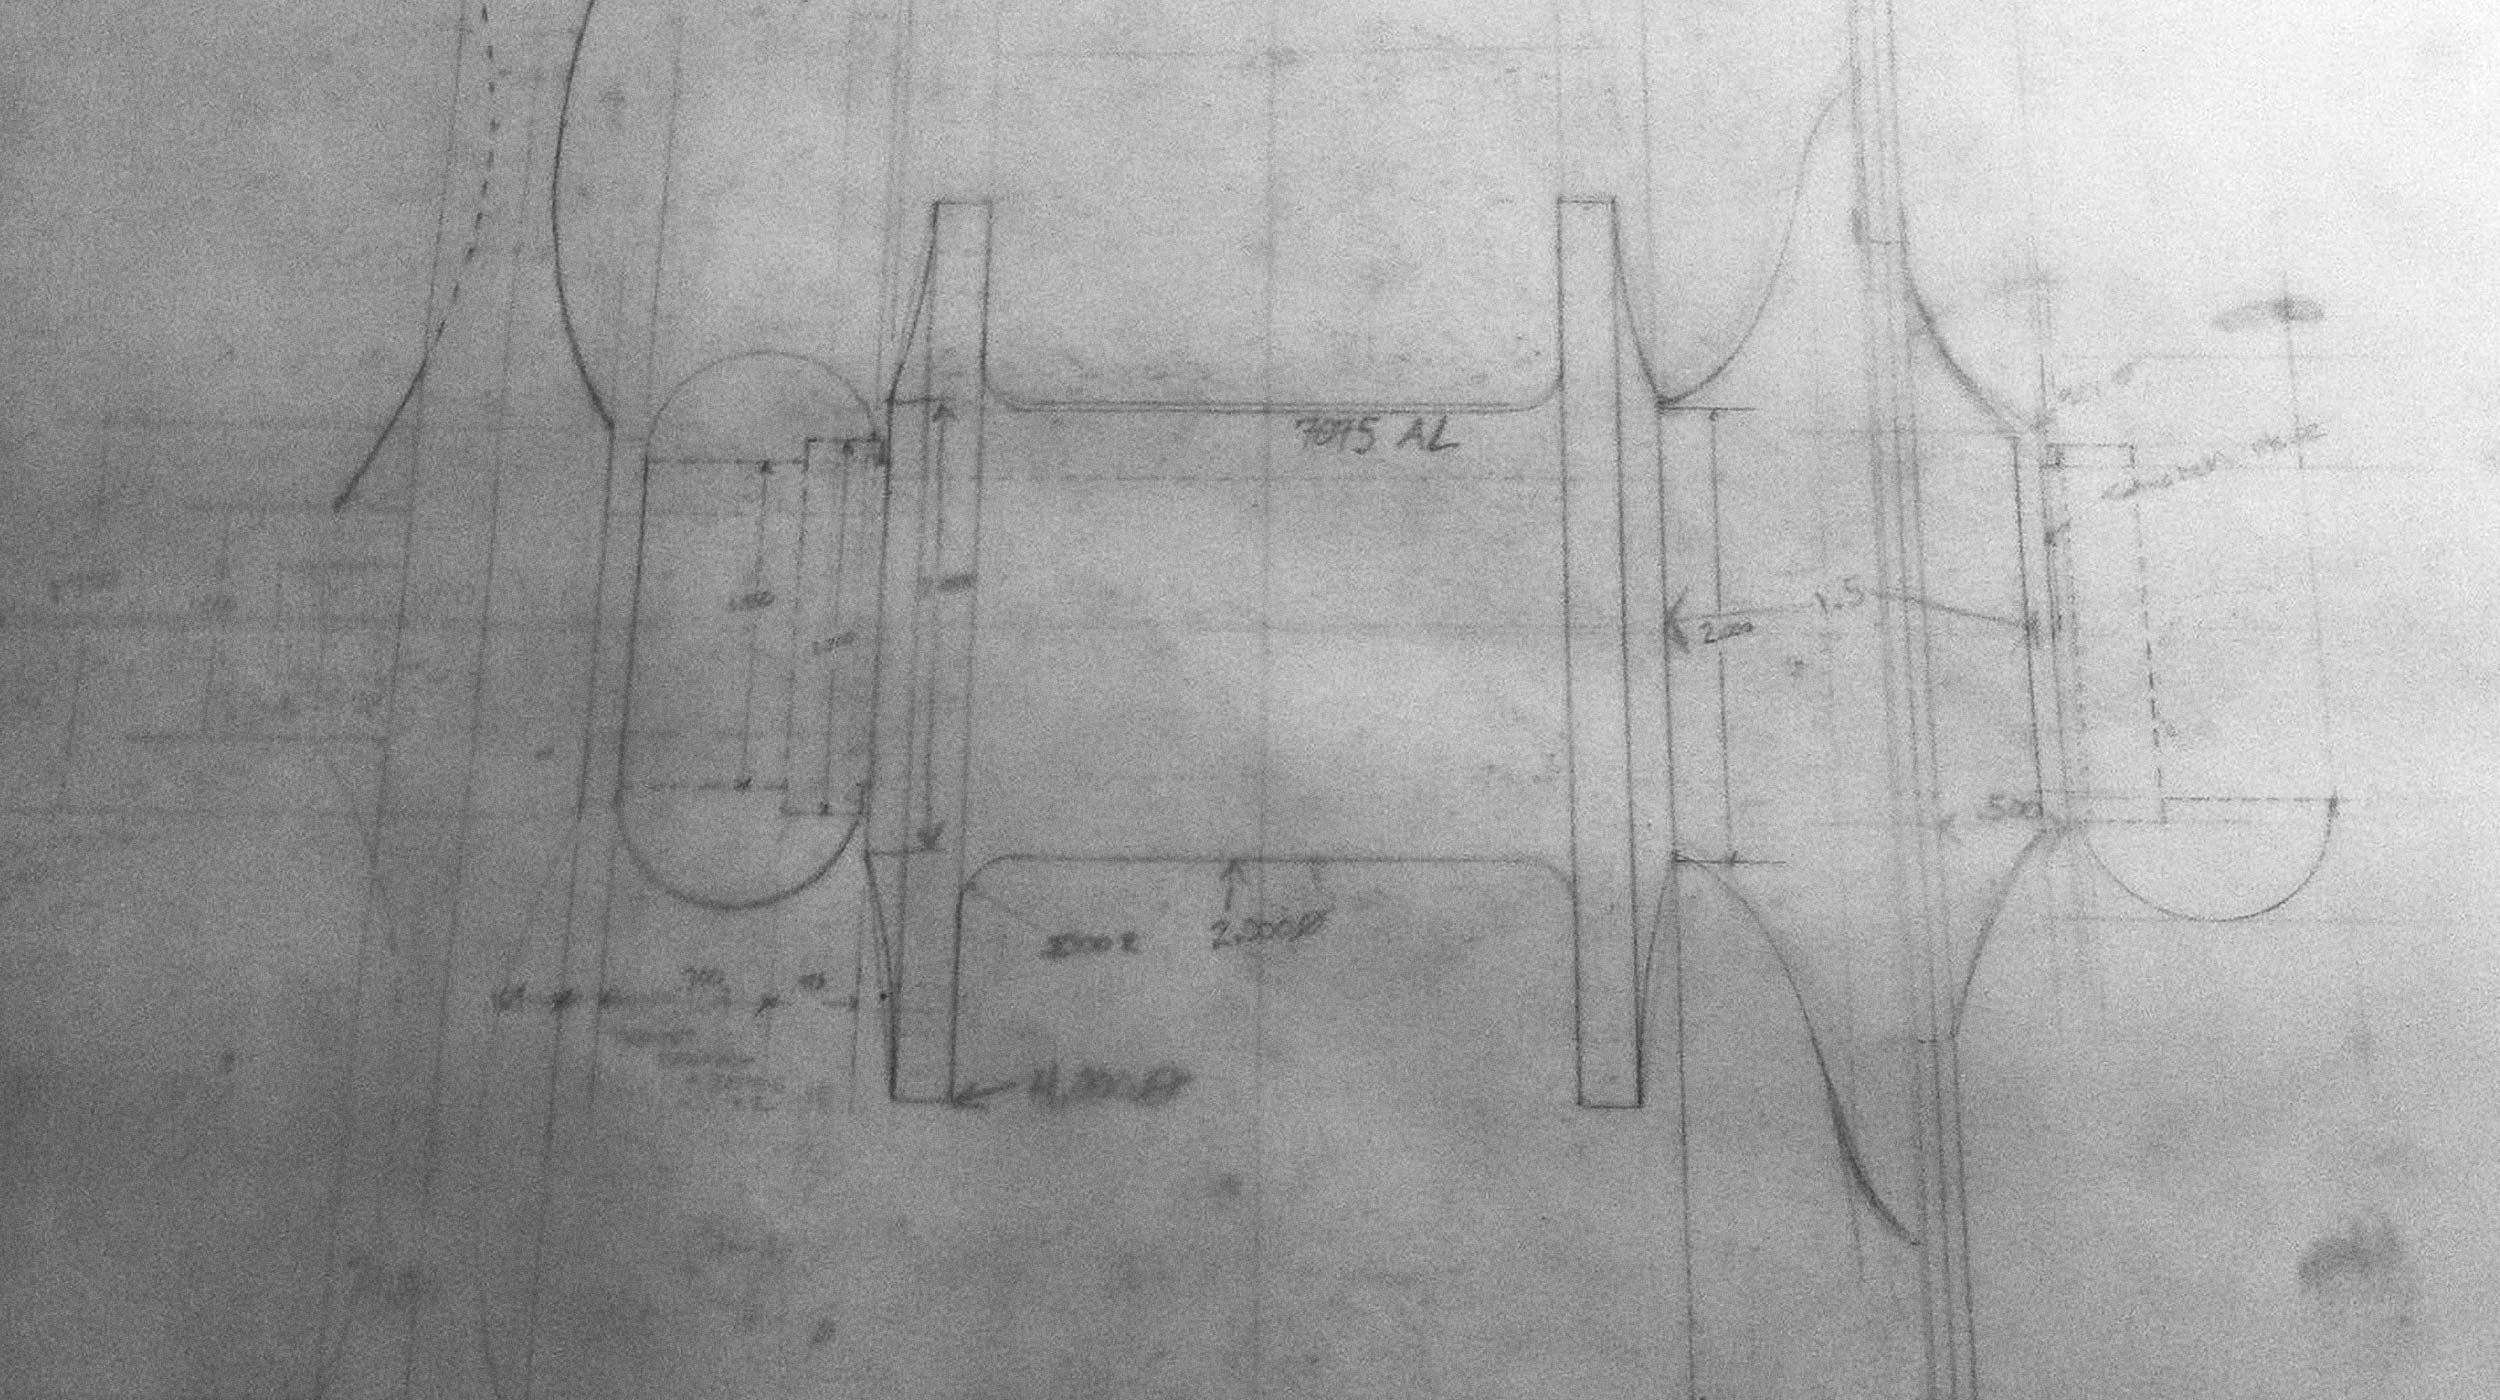 White-Rear-Axel-Swingarm-Sketch-Web.jpg